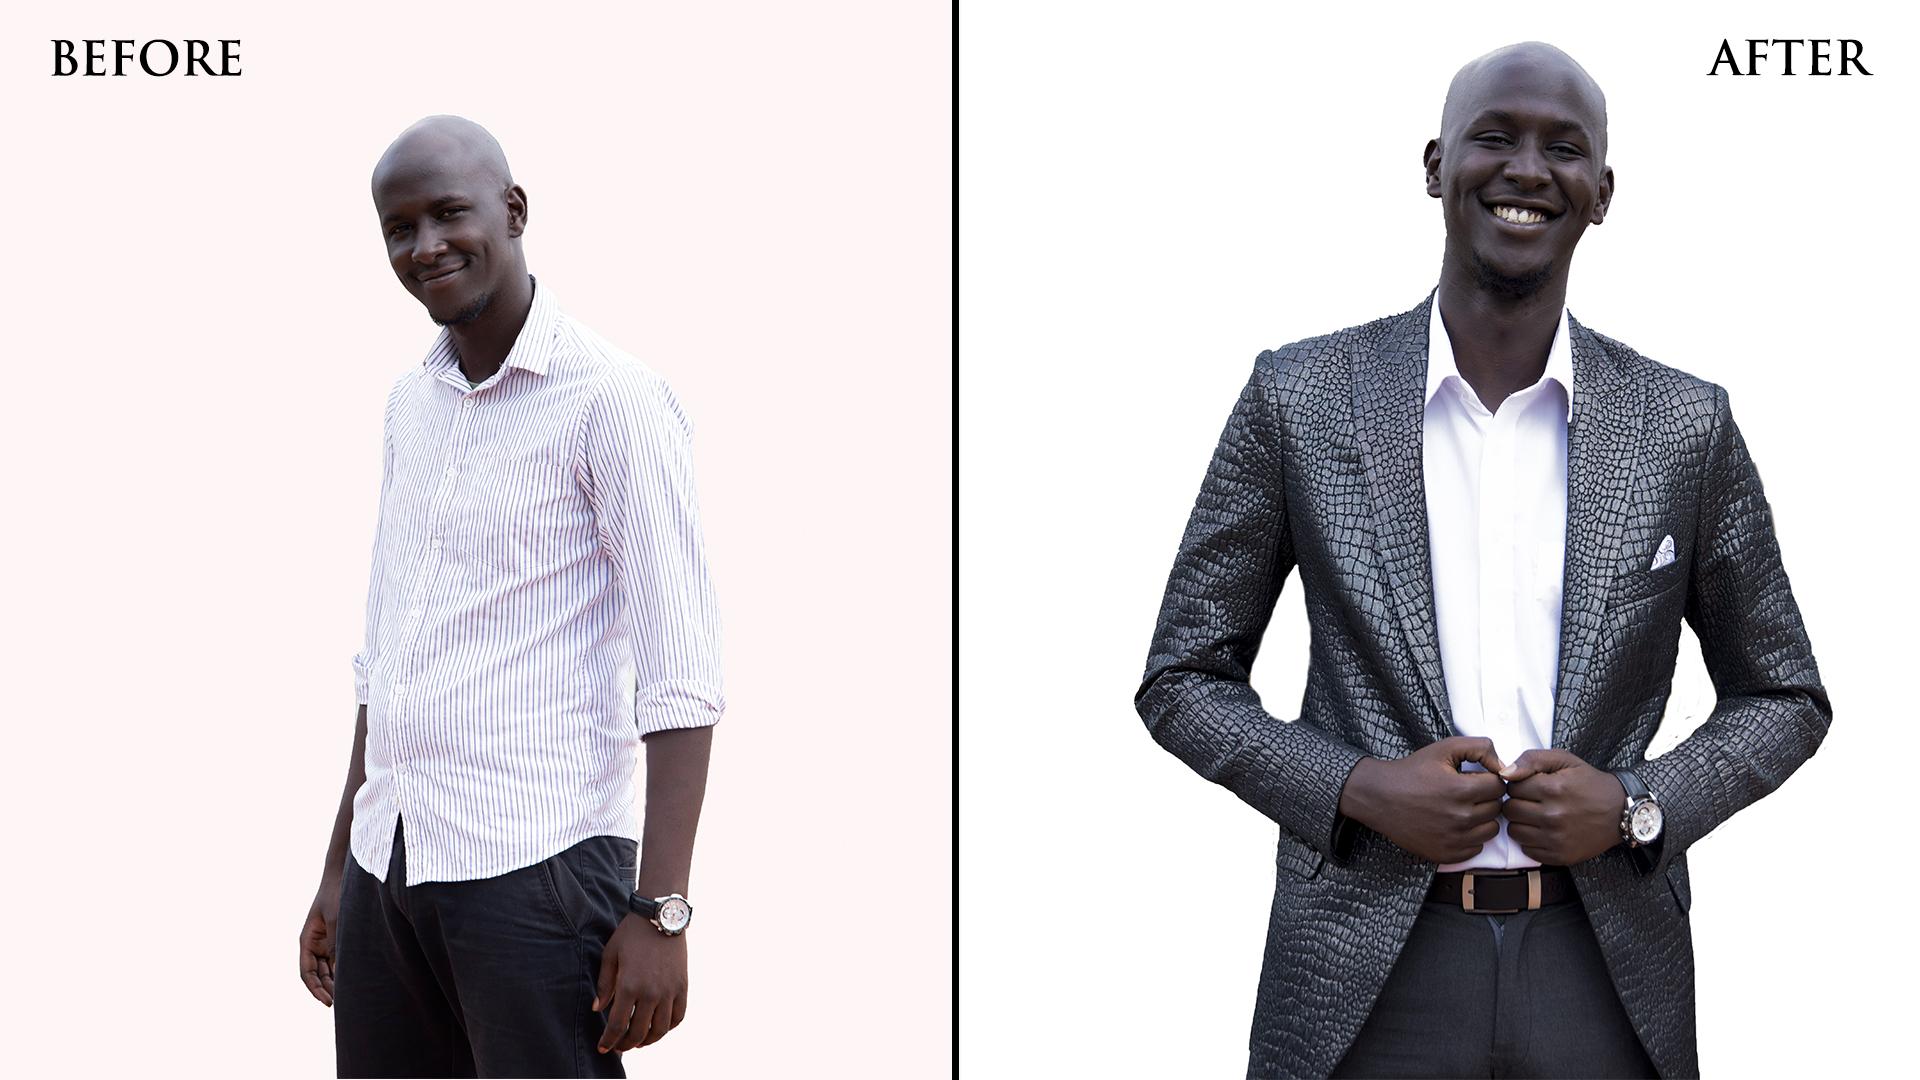 Bespoke blazer for men in Nairobi Kenya for an important function